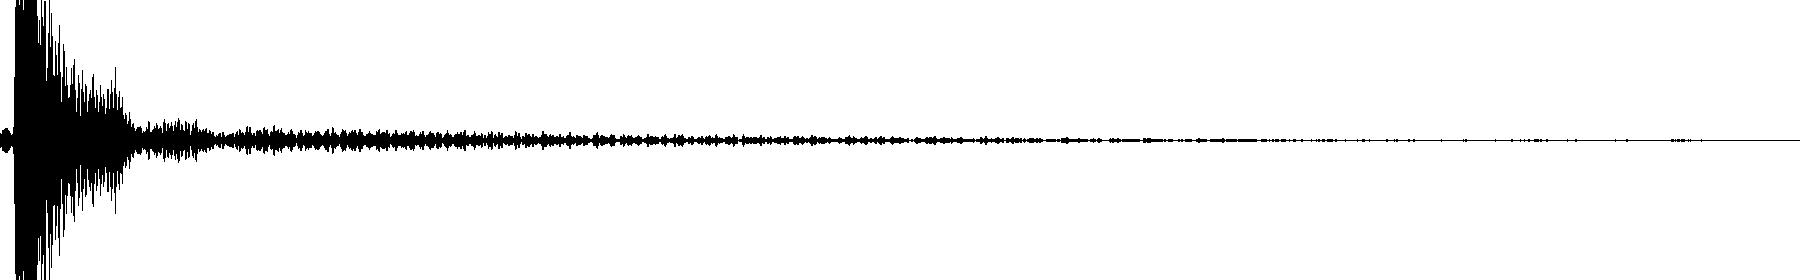 13949 21 wav